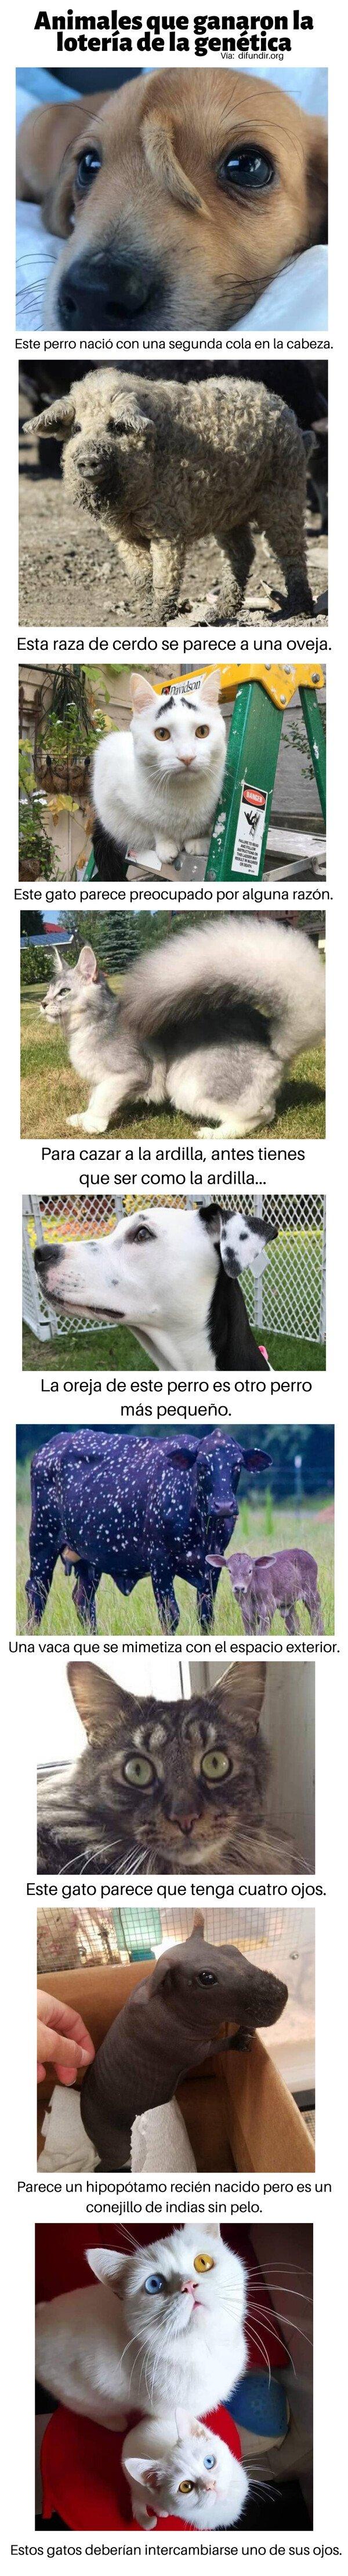 Meme_otros - Animales que ganaron la lotería de la genética